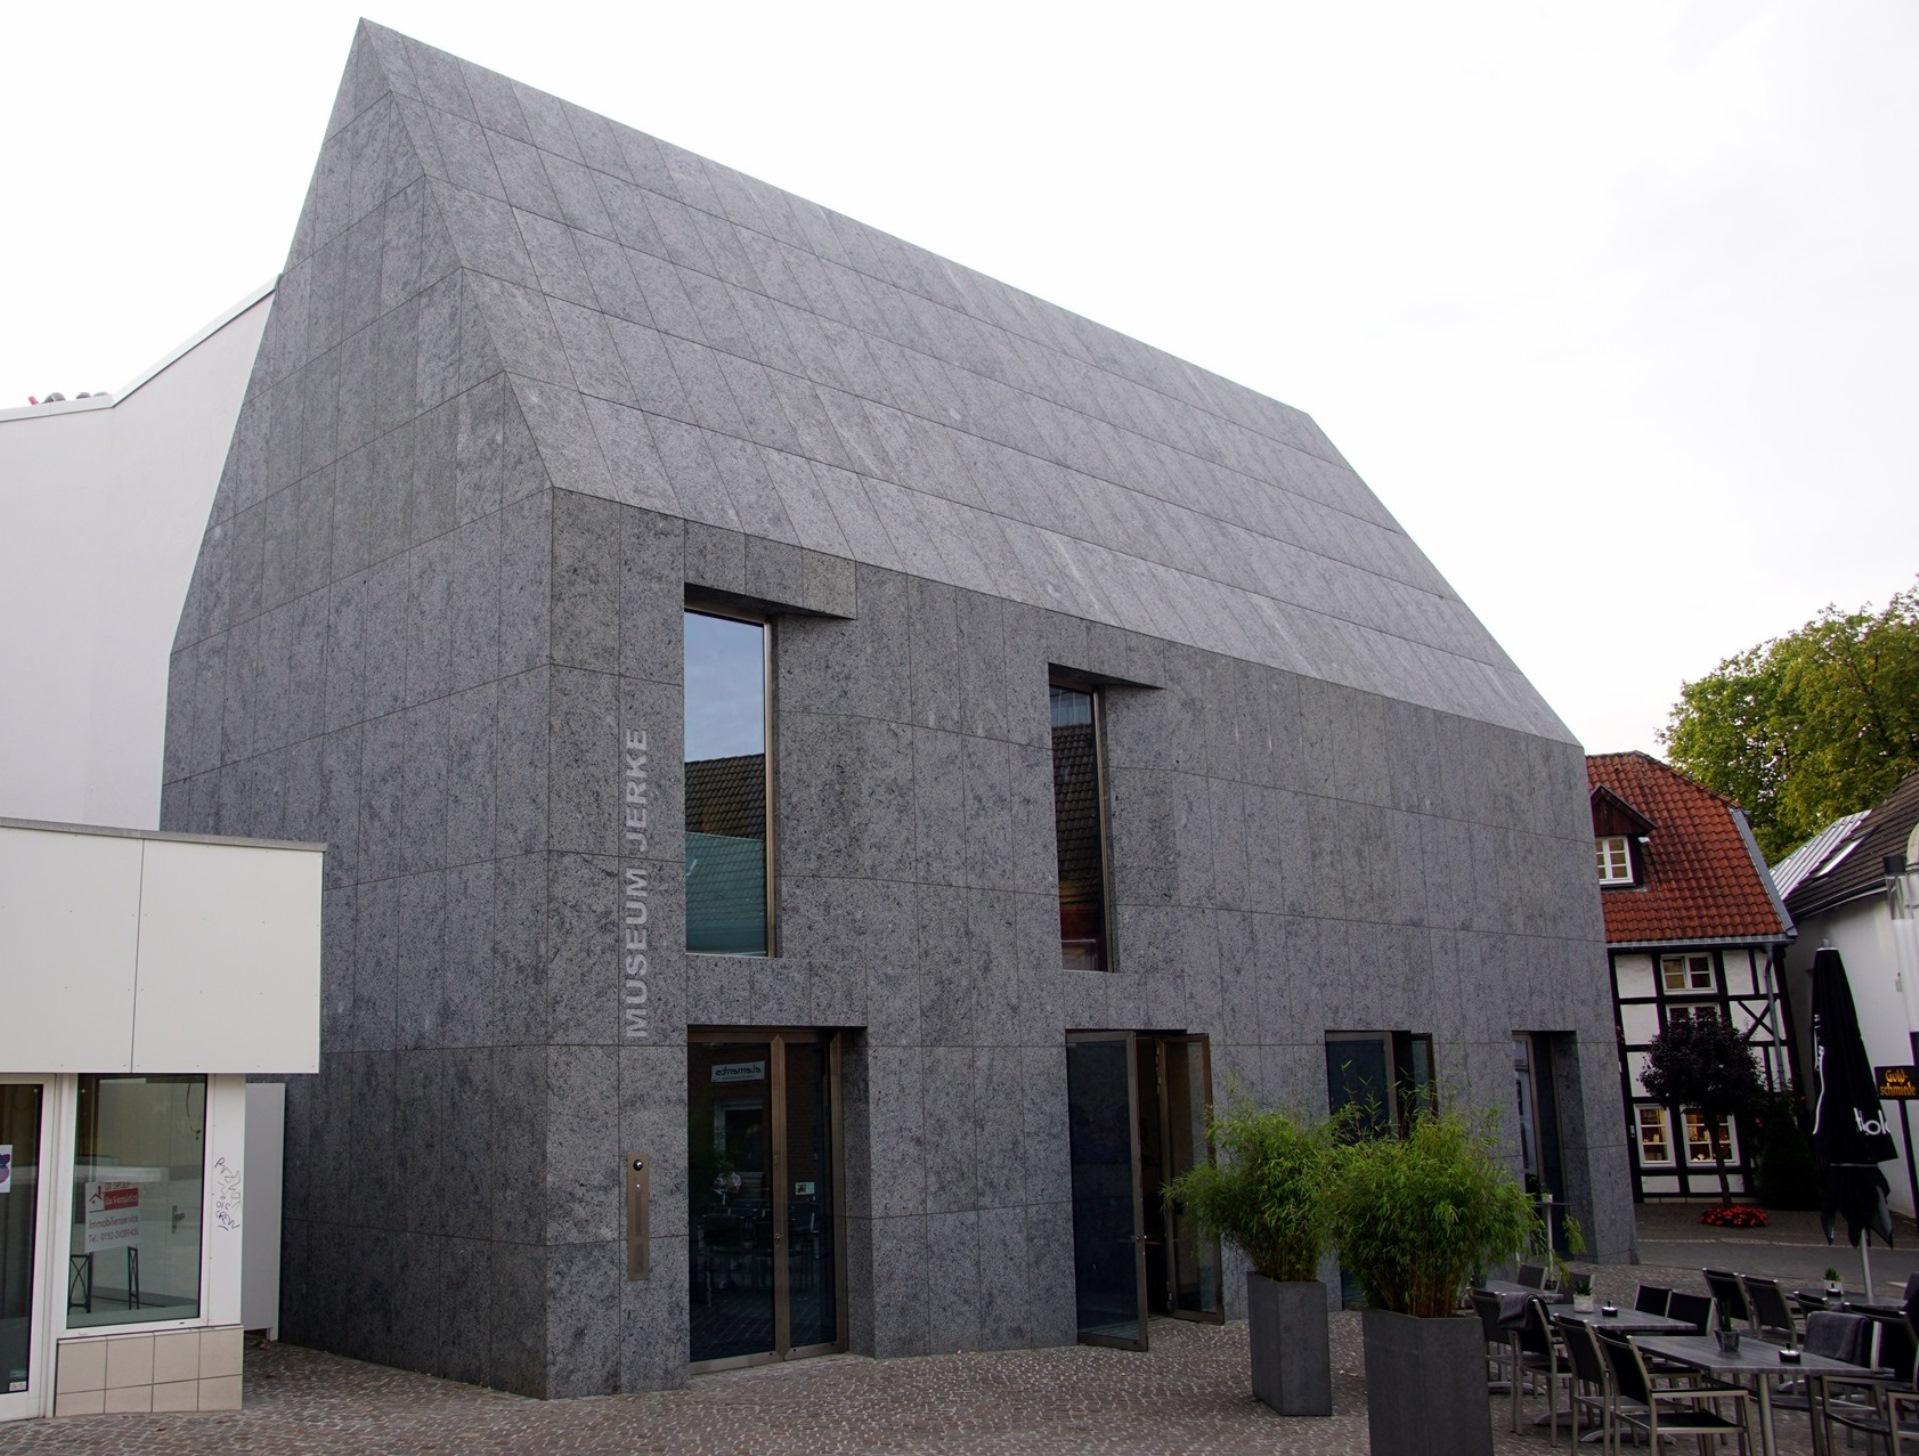 museum jerke recklinghausen references detail hofmann. Black Bedroom Furniture Sets. Home Design Ideas